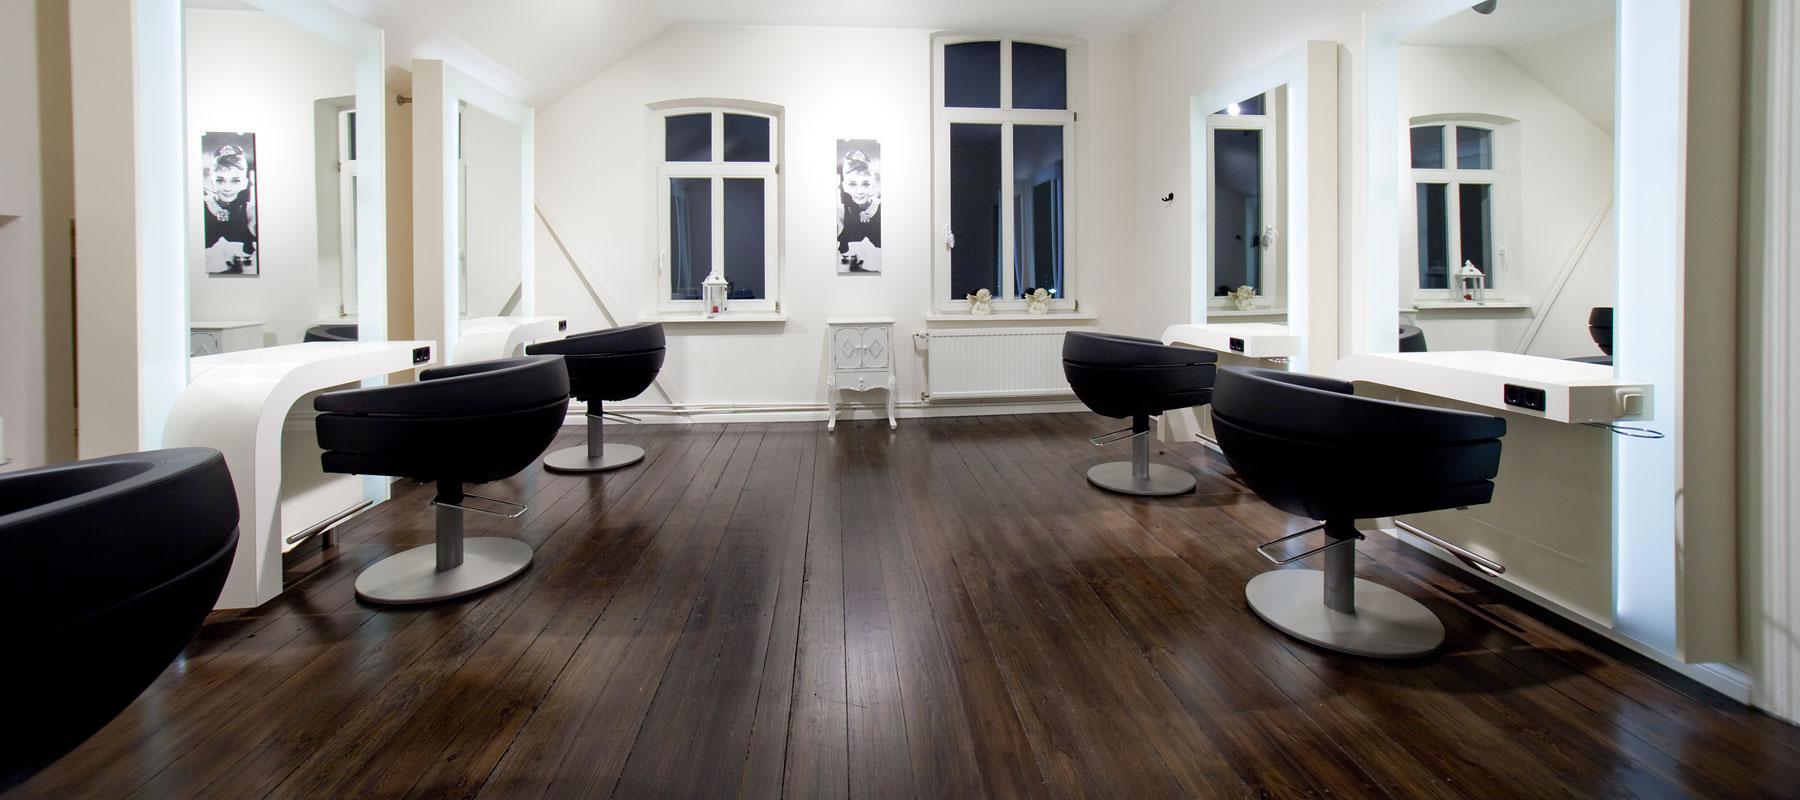 Haarstudio Schleebaum | Friseur in Jever